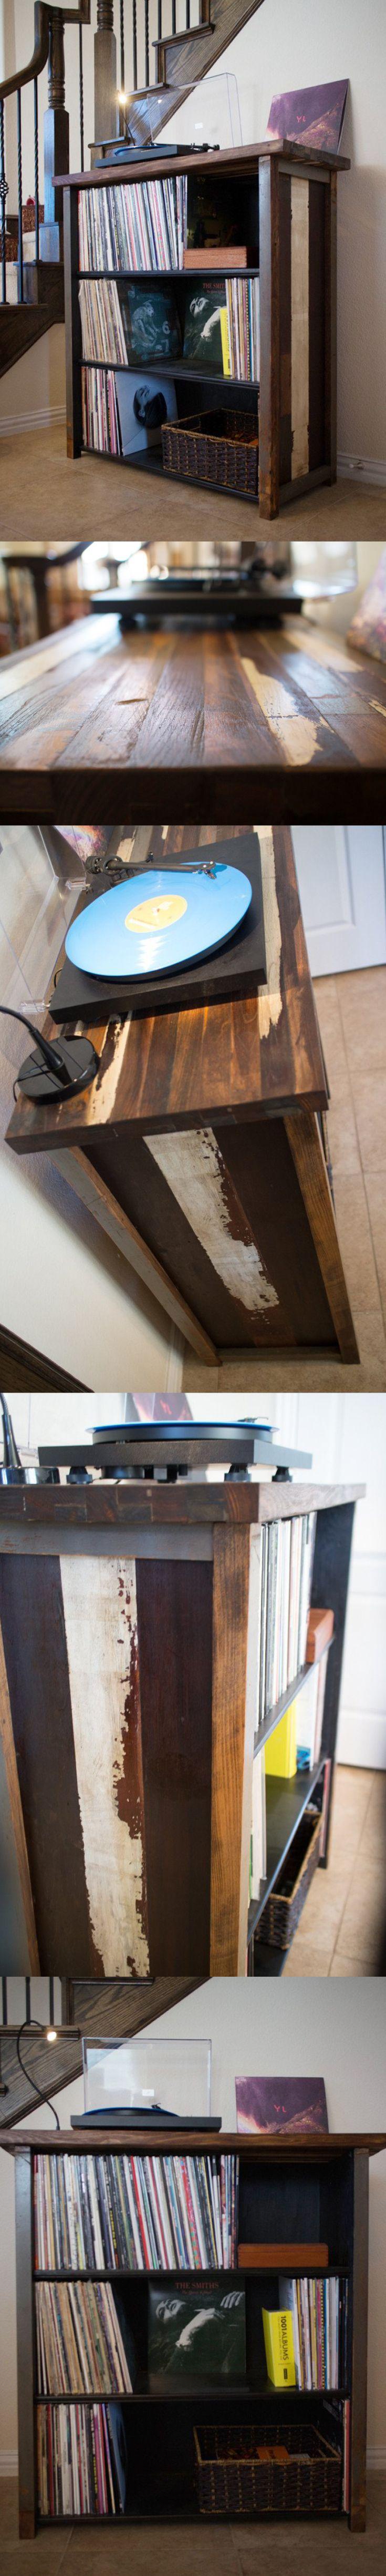 die besten 25 schallplatten aufbewahren ideen auf pinterest platten aufbewahren. Black Bedroom Furniture Sets. Home Design Ideas